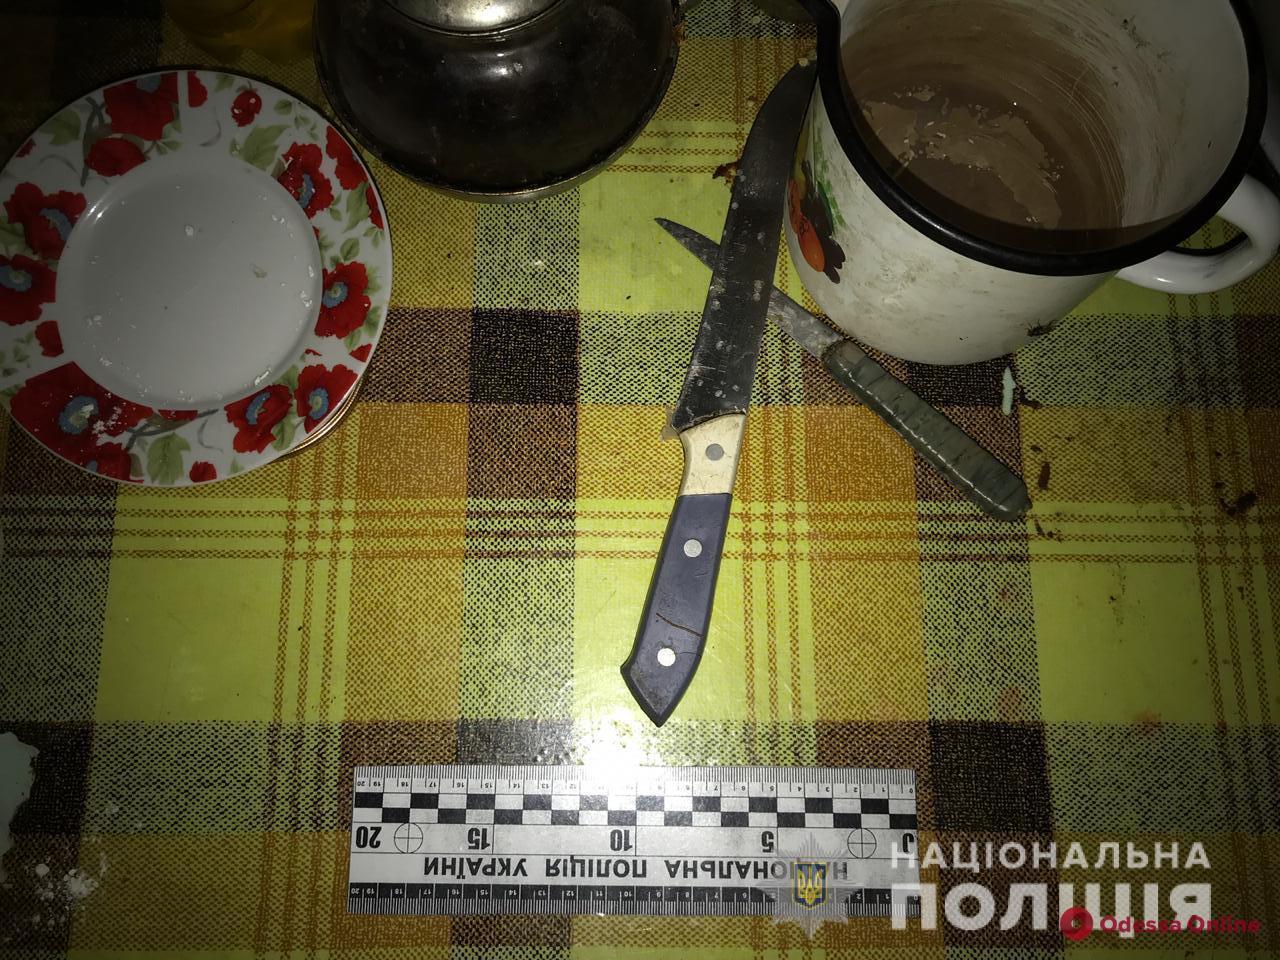 Пьяная ссора: житель Одесской области подрезал своего односельчанина